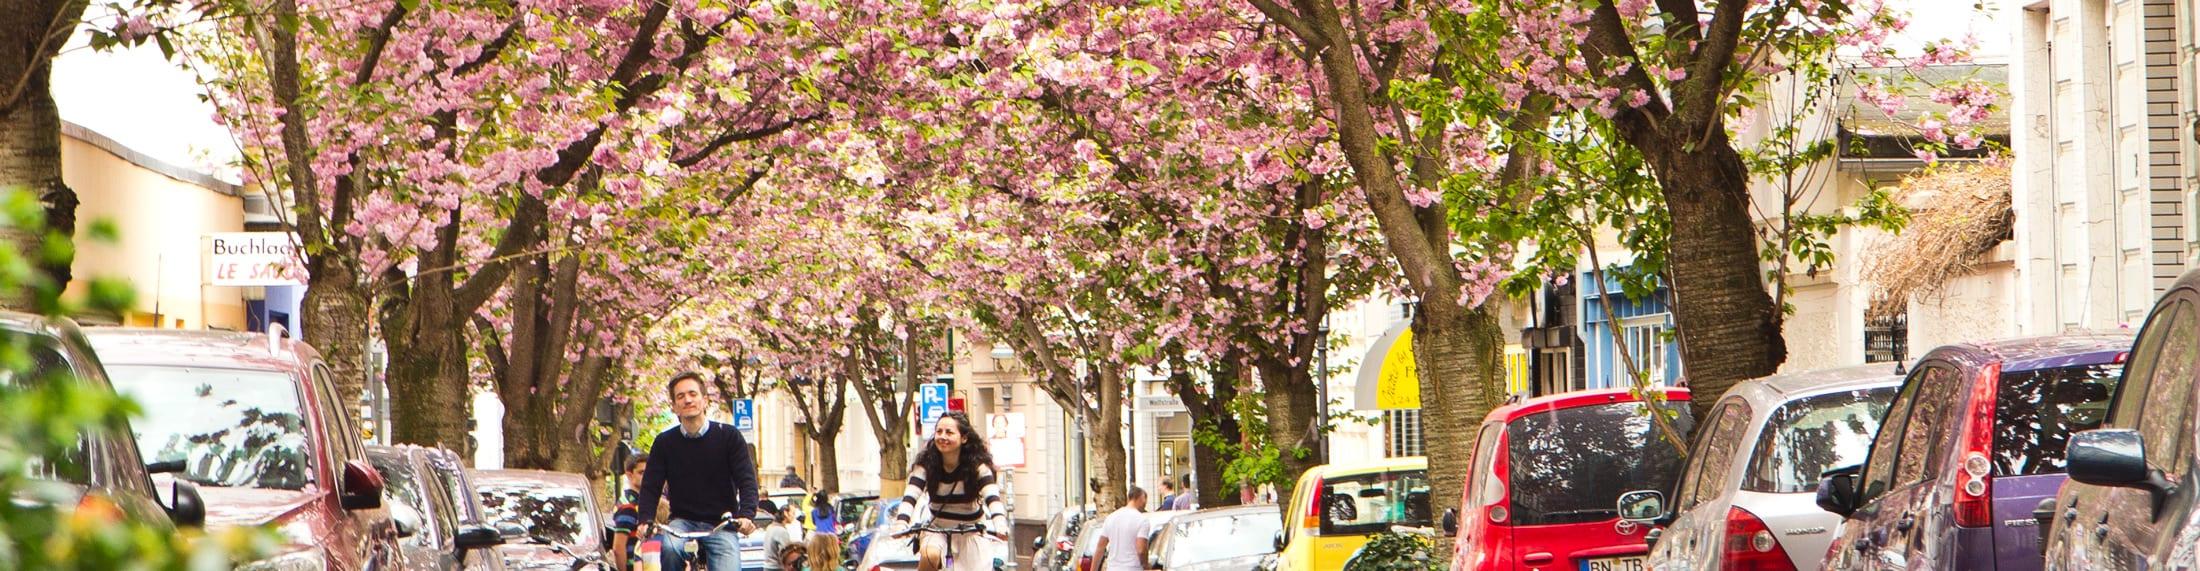 Blüten & Fahrräder